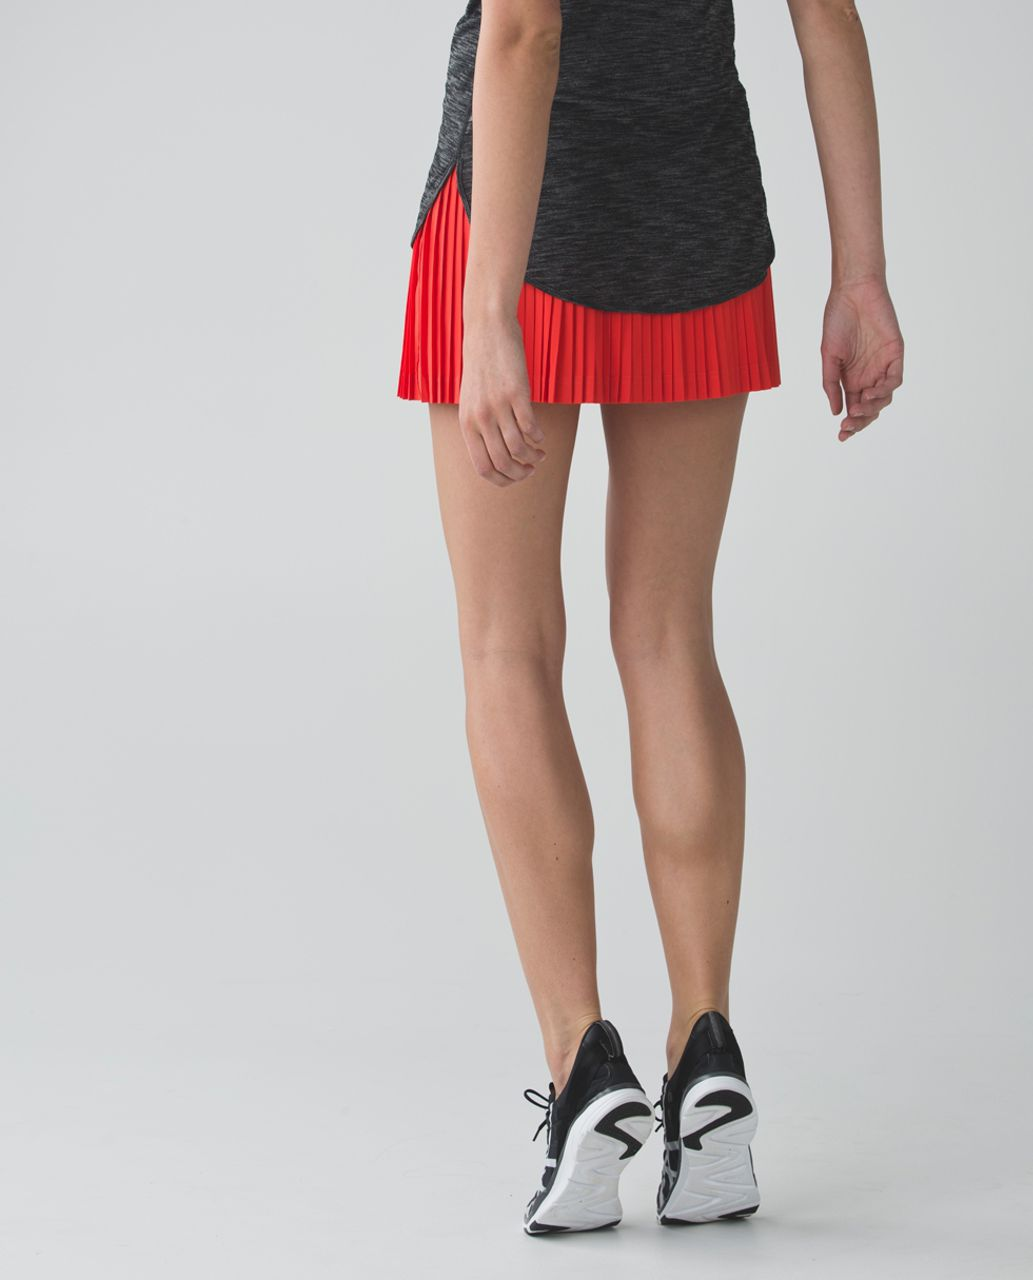 8292c87927 Lululemon Pleat To Street Skirt II - Alarming - lulu fanatics